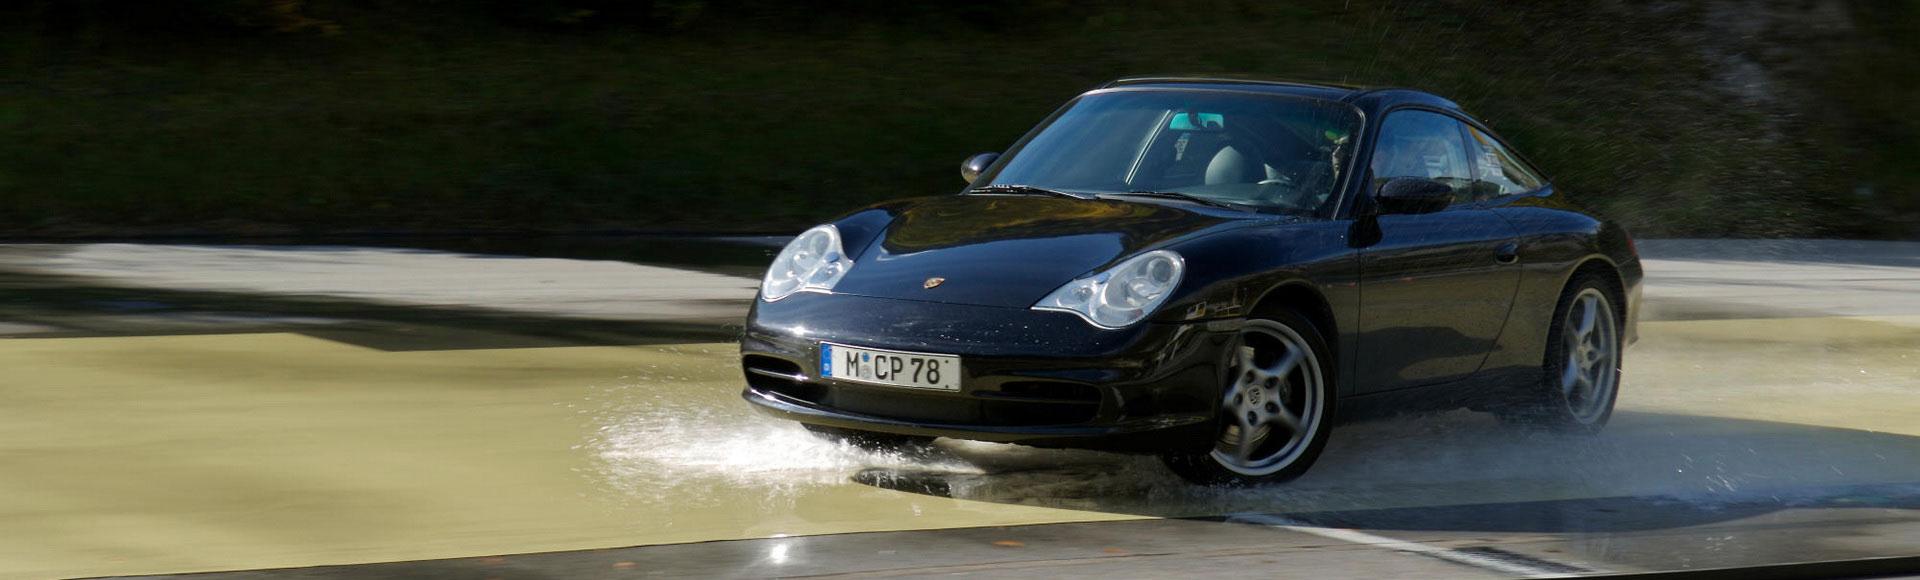 Porsche 996 2006 07360